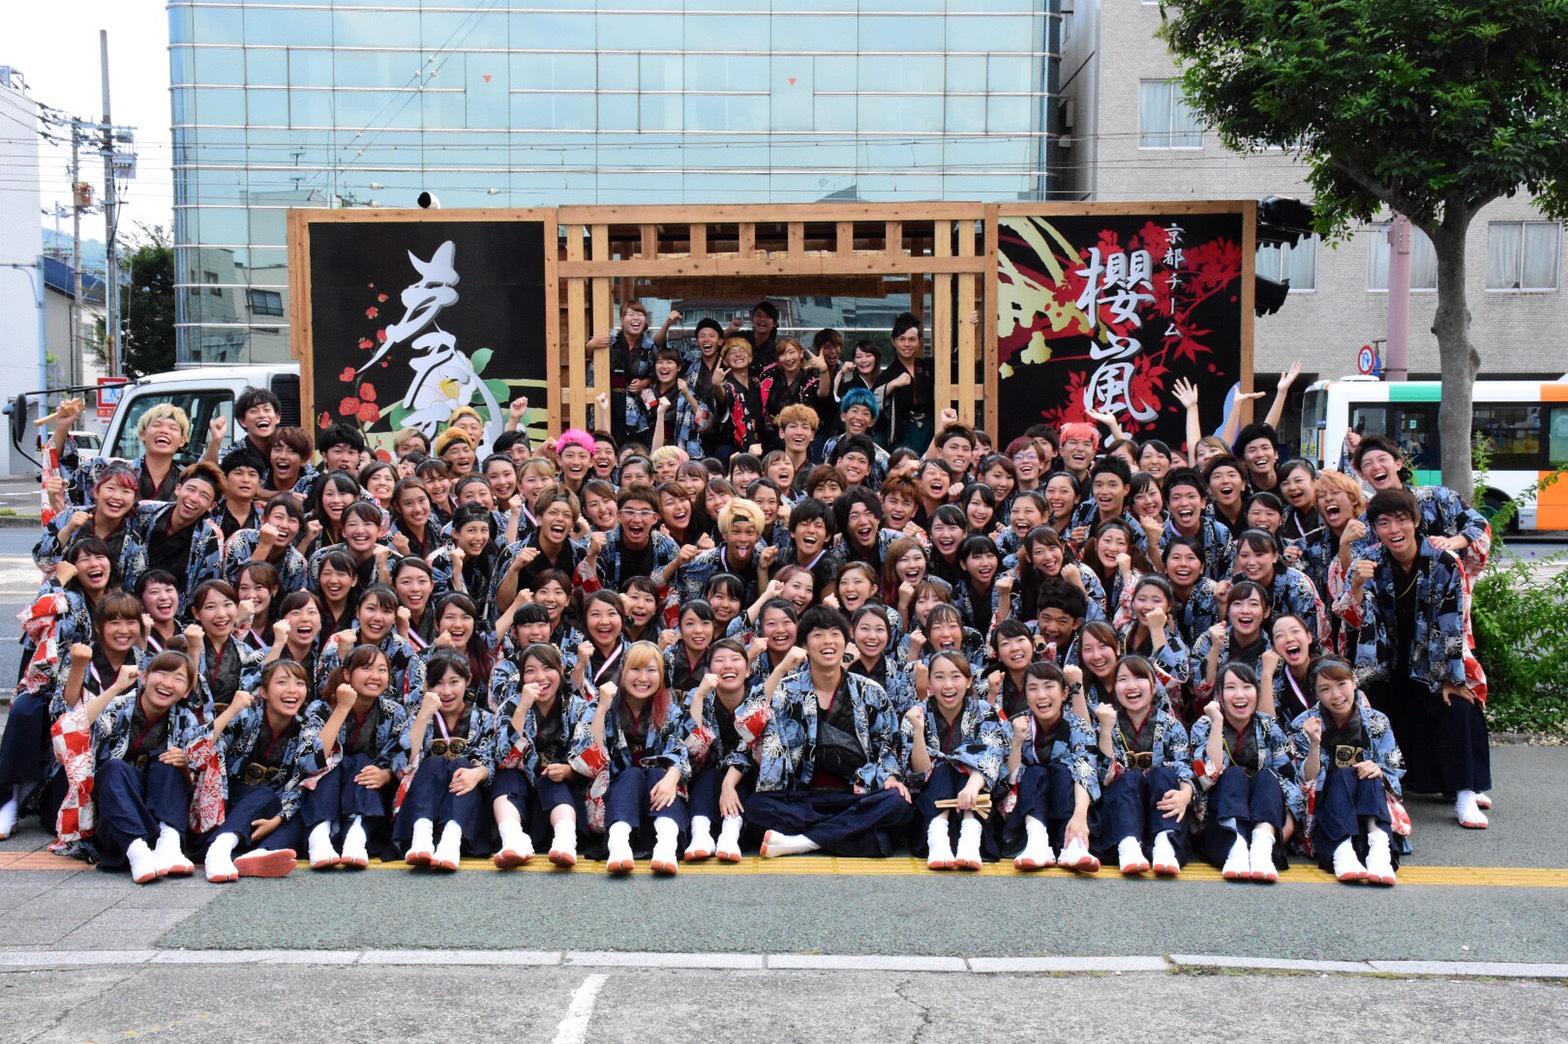 K-3京都チーム「櫻嵐洛」